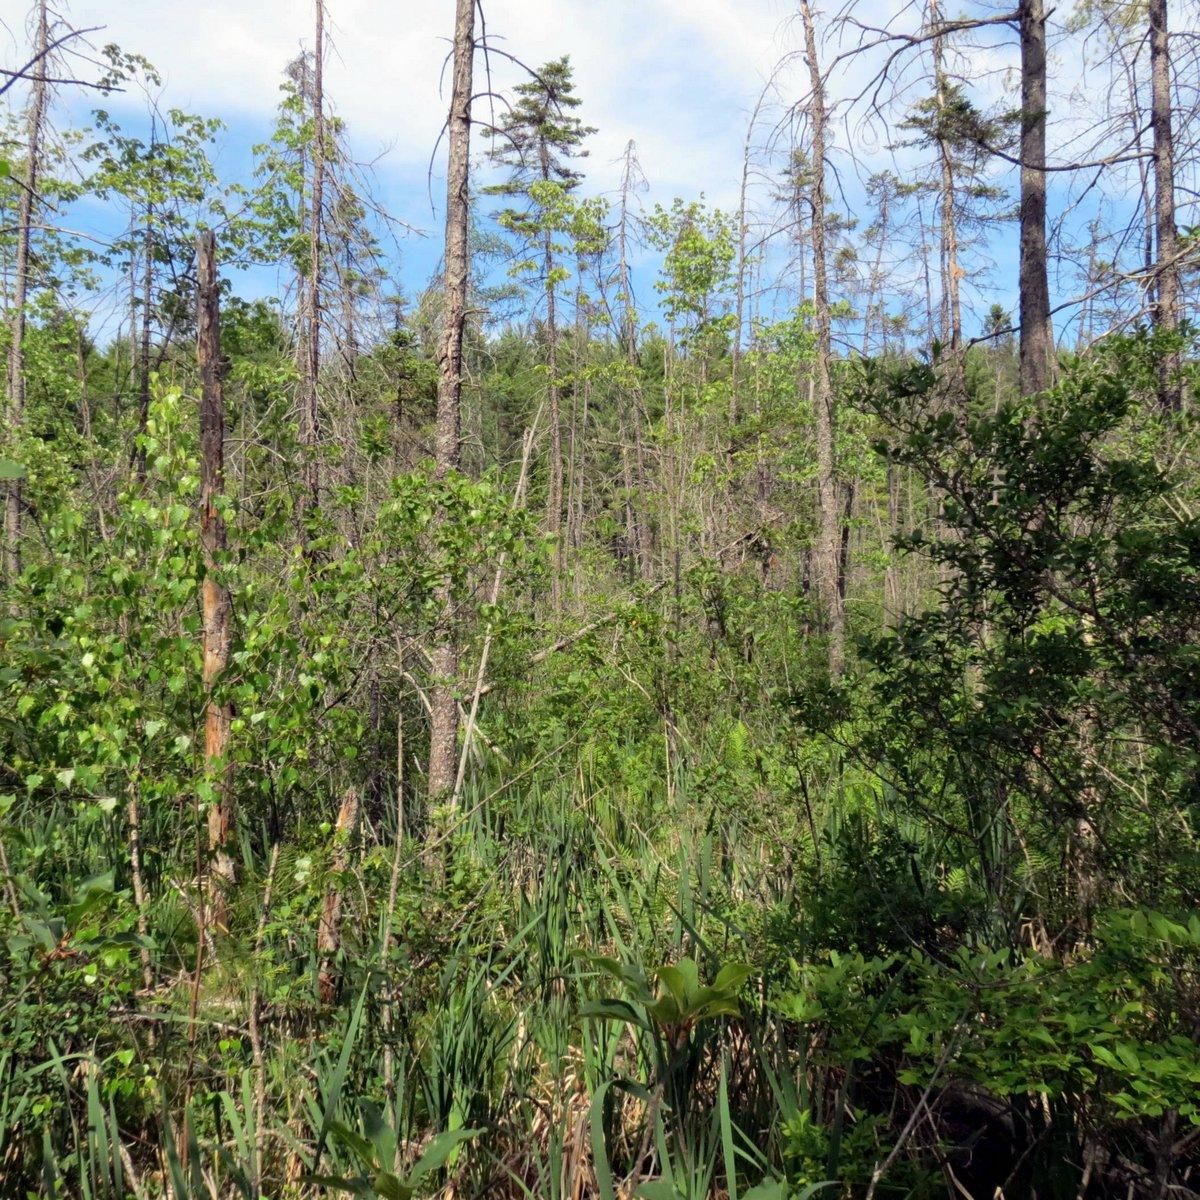 10. Swamp View